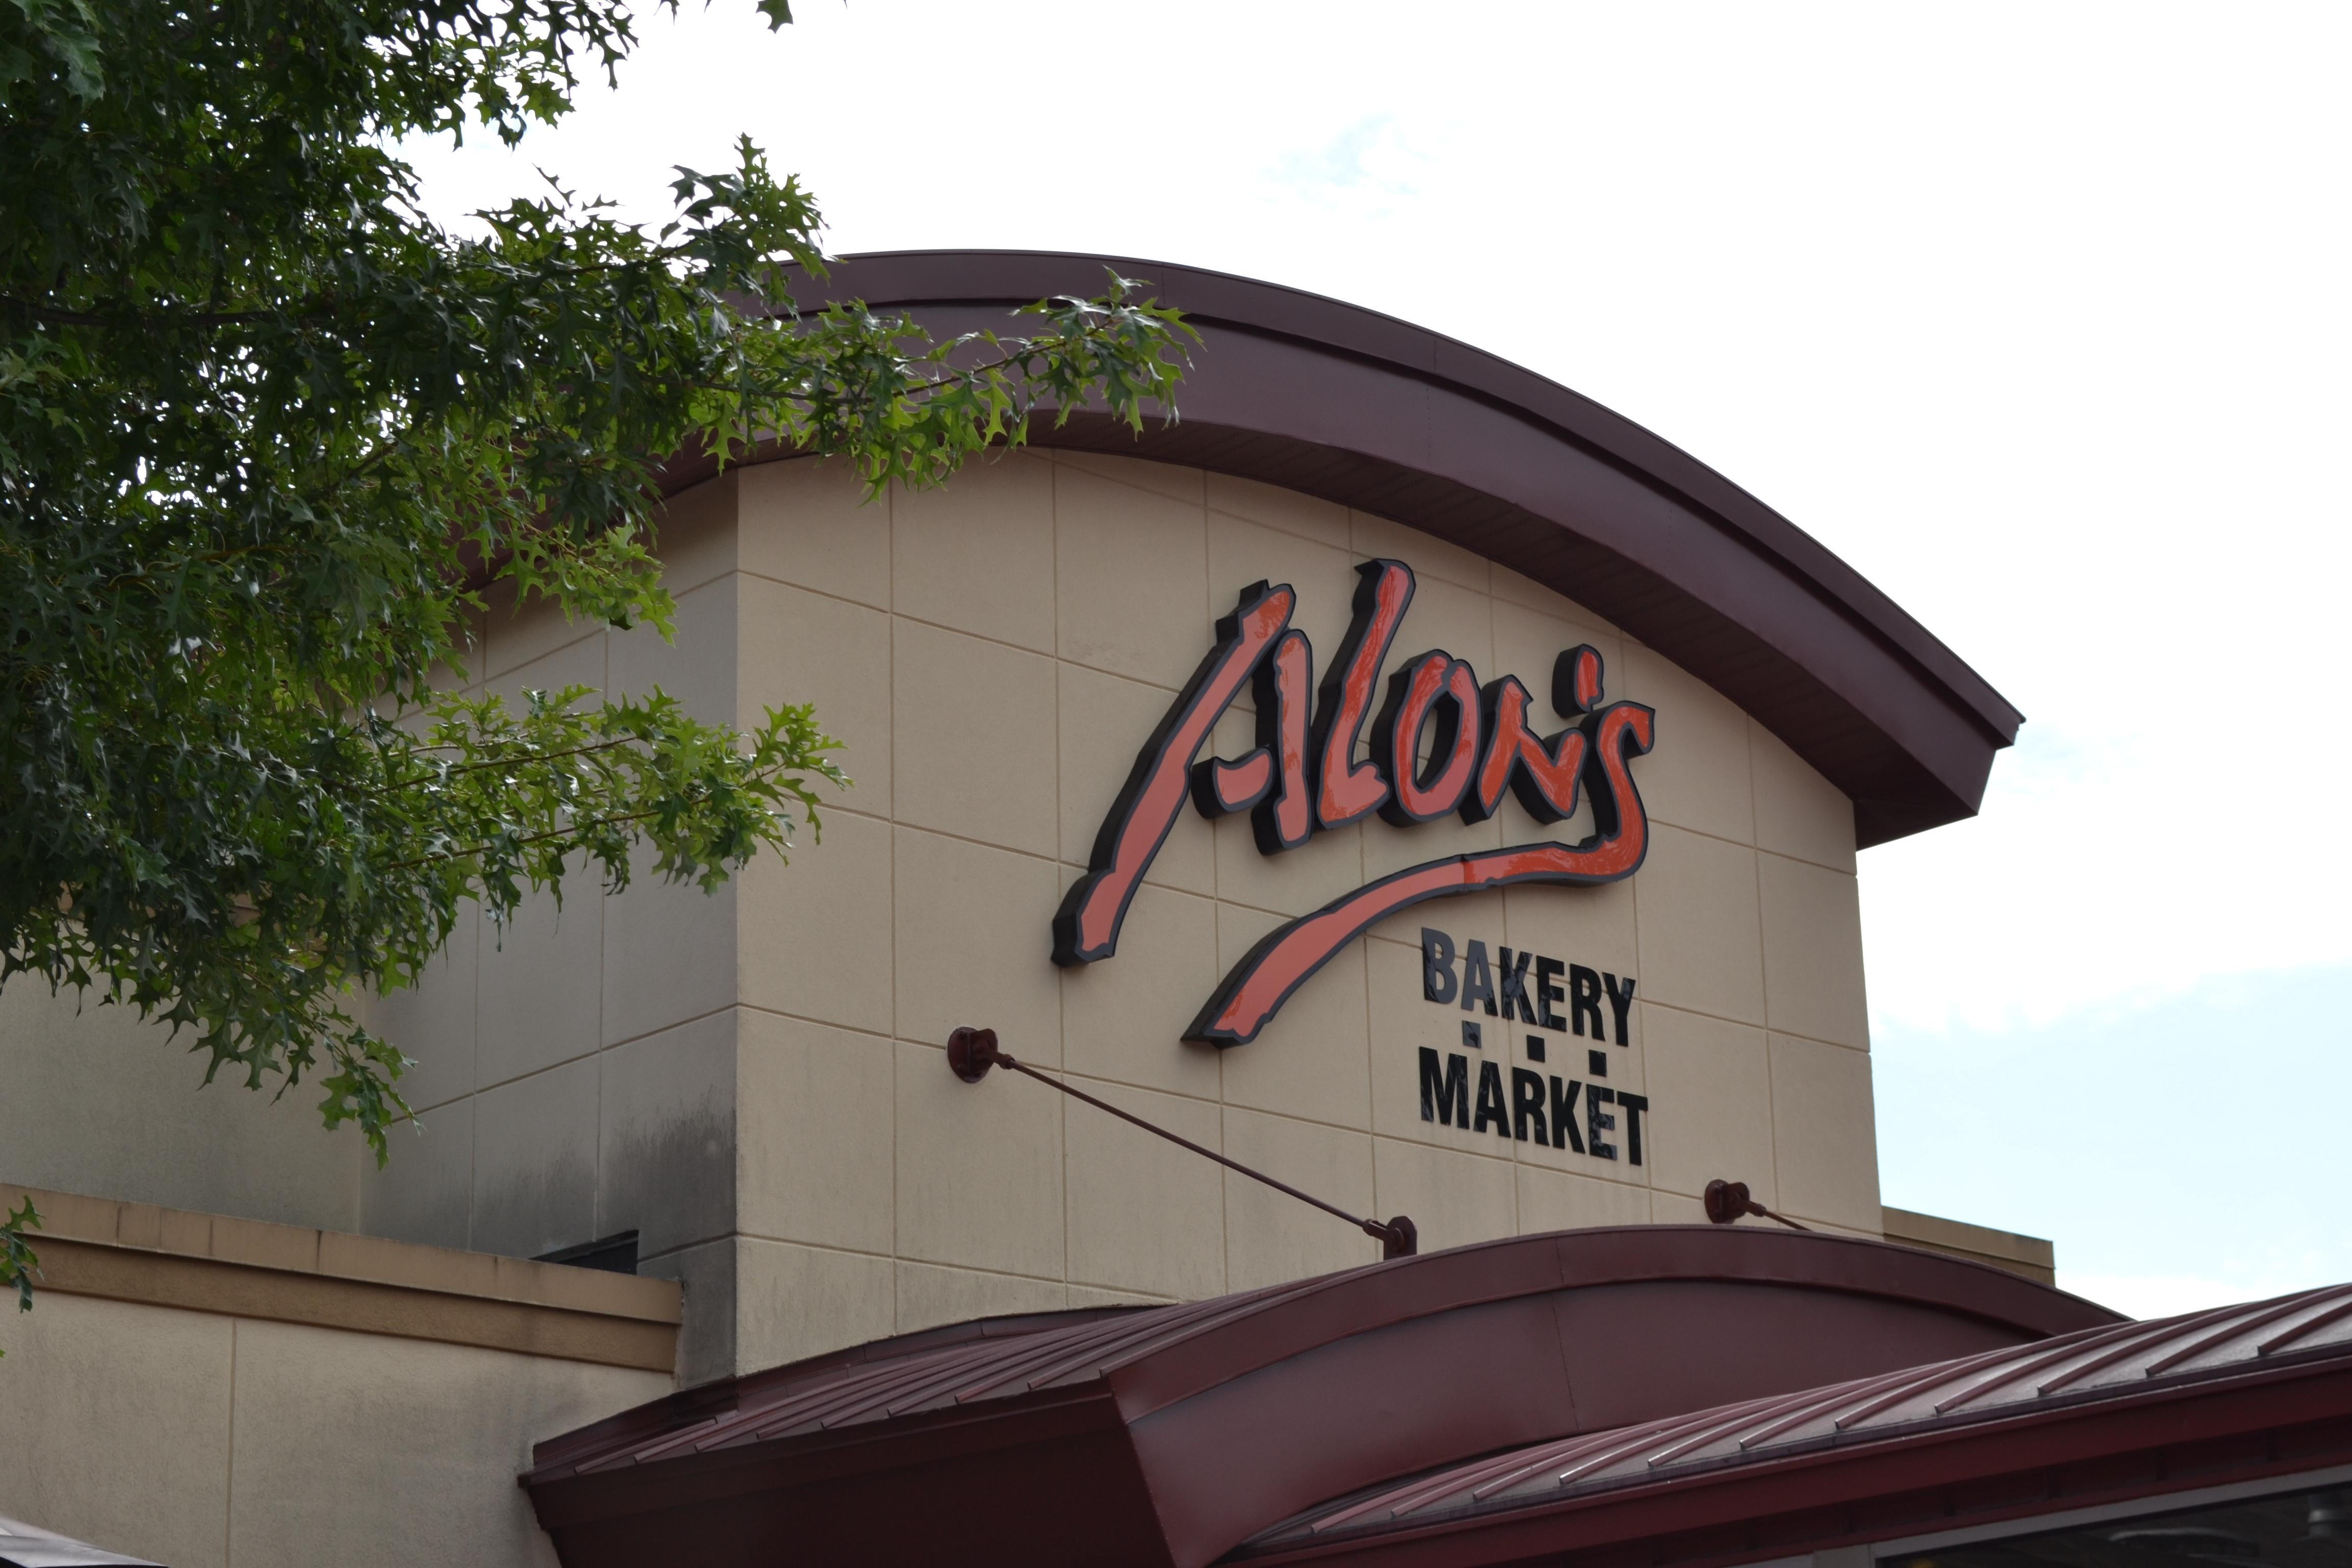 Alon's Bakery and Market